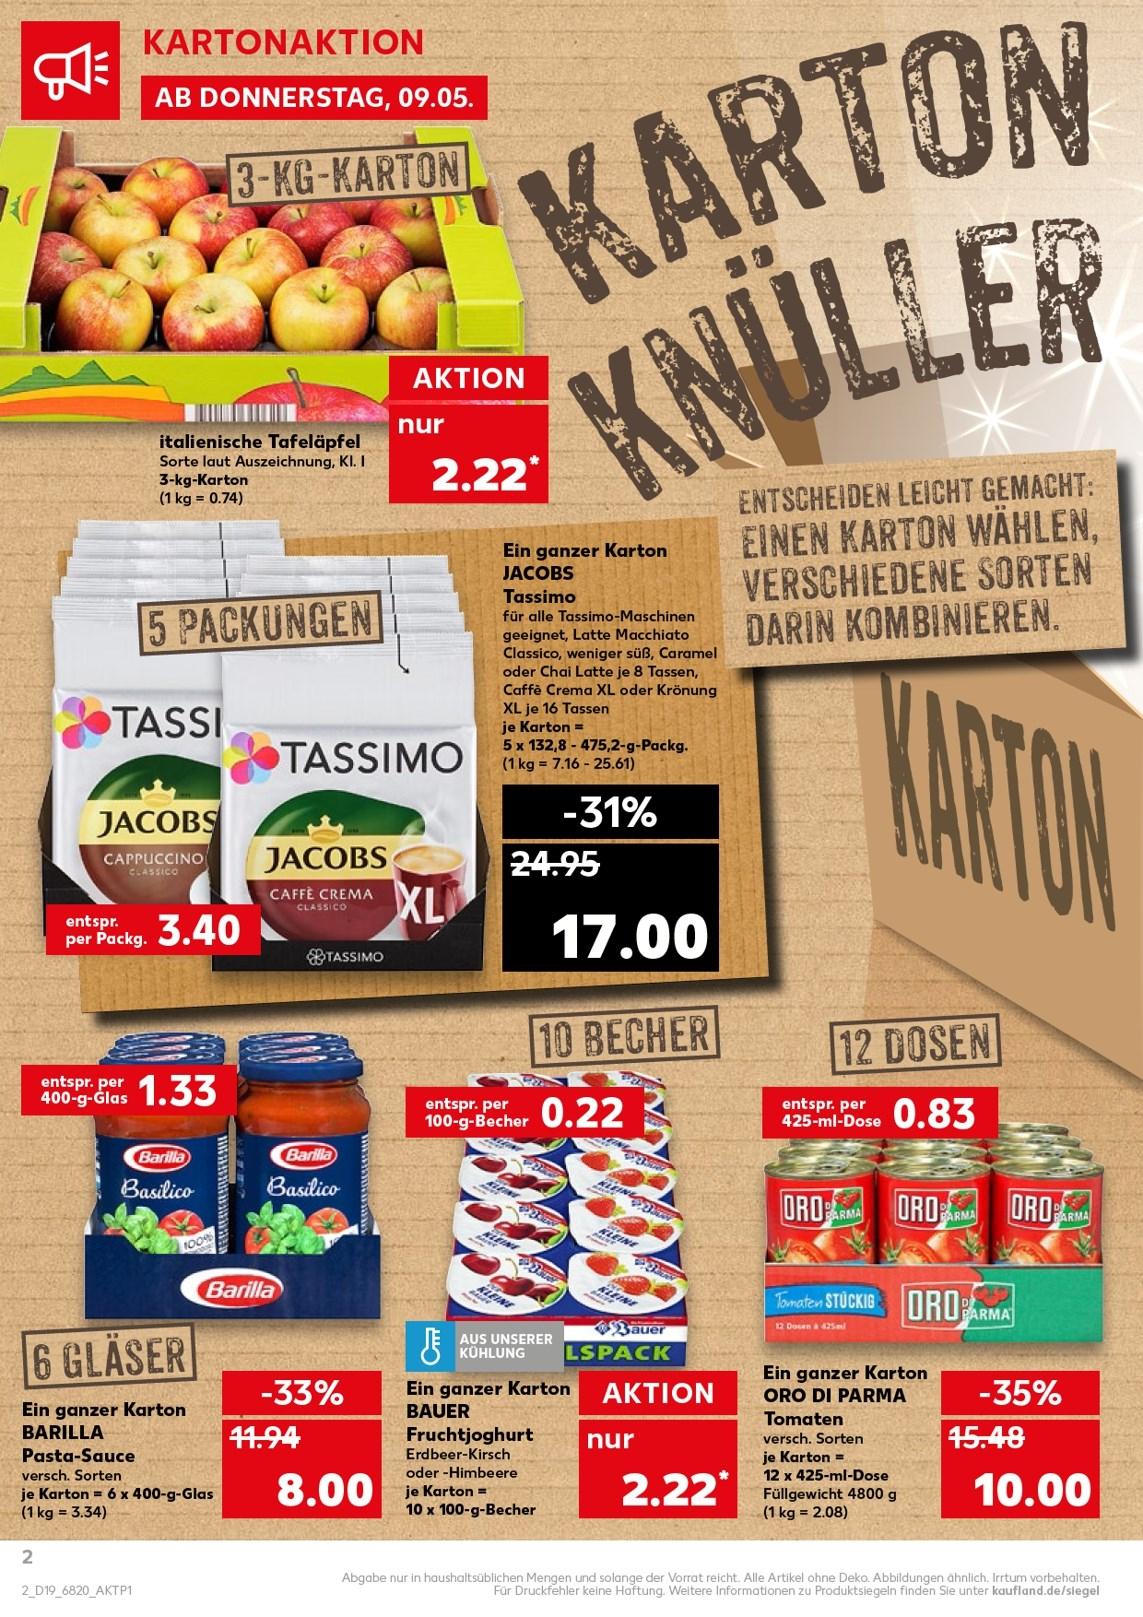 [Kaufland] Tassimo für effektiv 3,40 € (Karton-Weise Knüller-Preise 09.05.-15.05.)